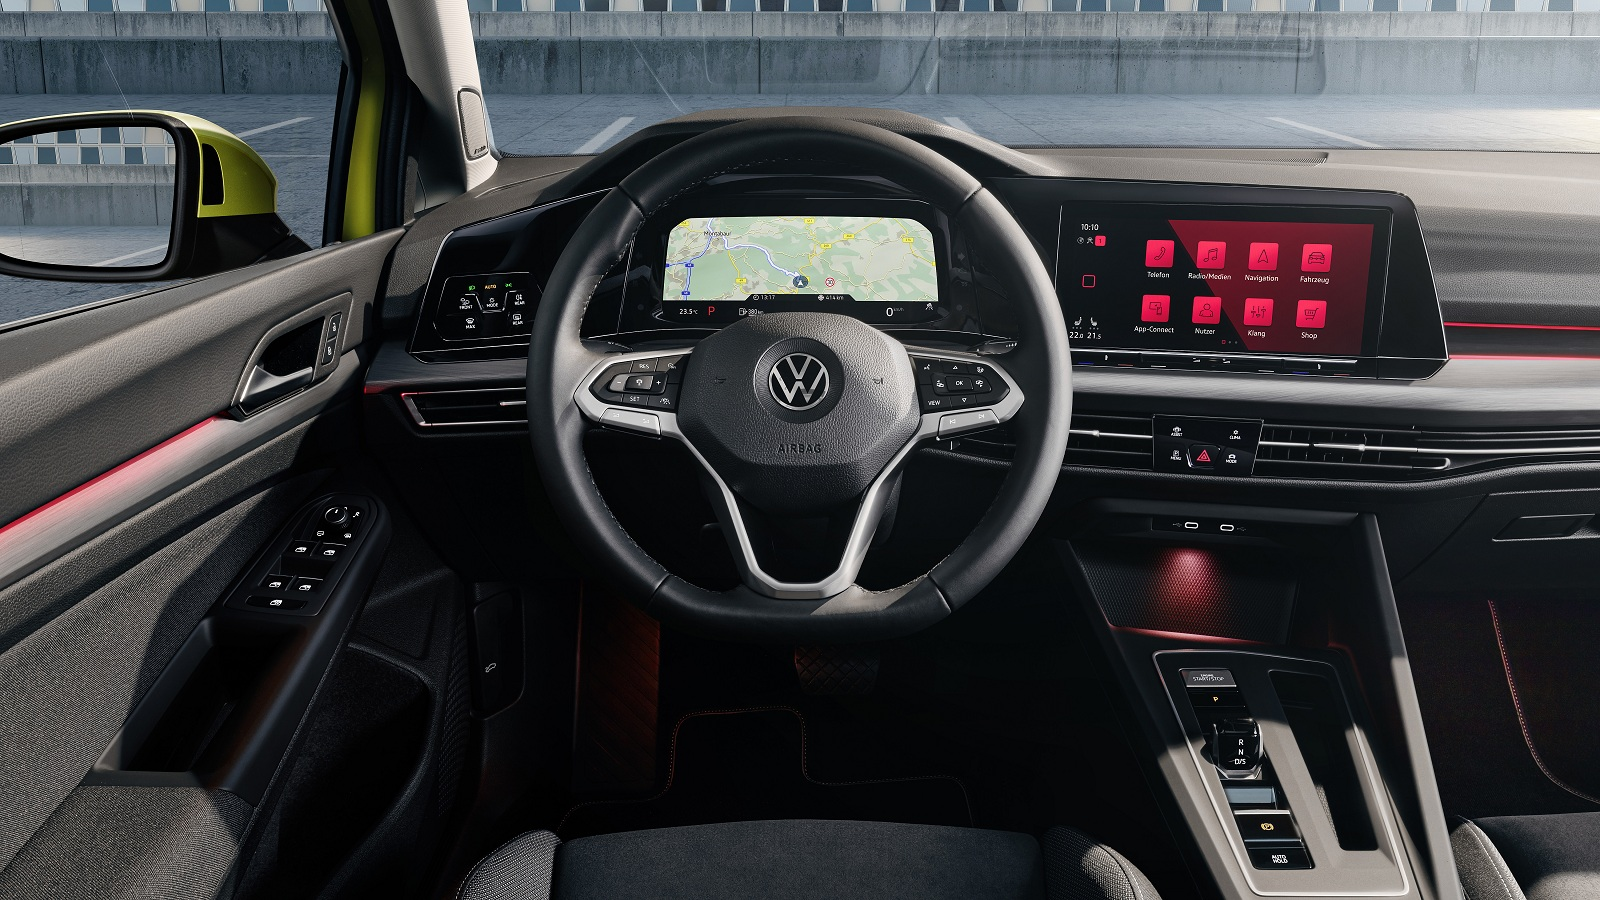 Тест нового Volkswagen Golf 8: первые впечатления от лидера класса